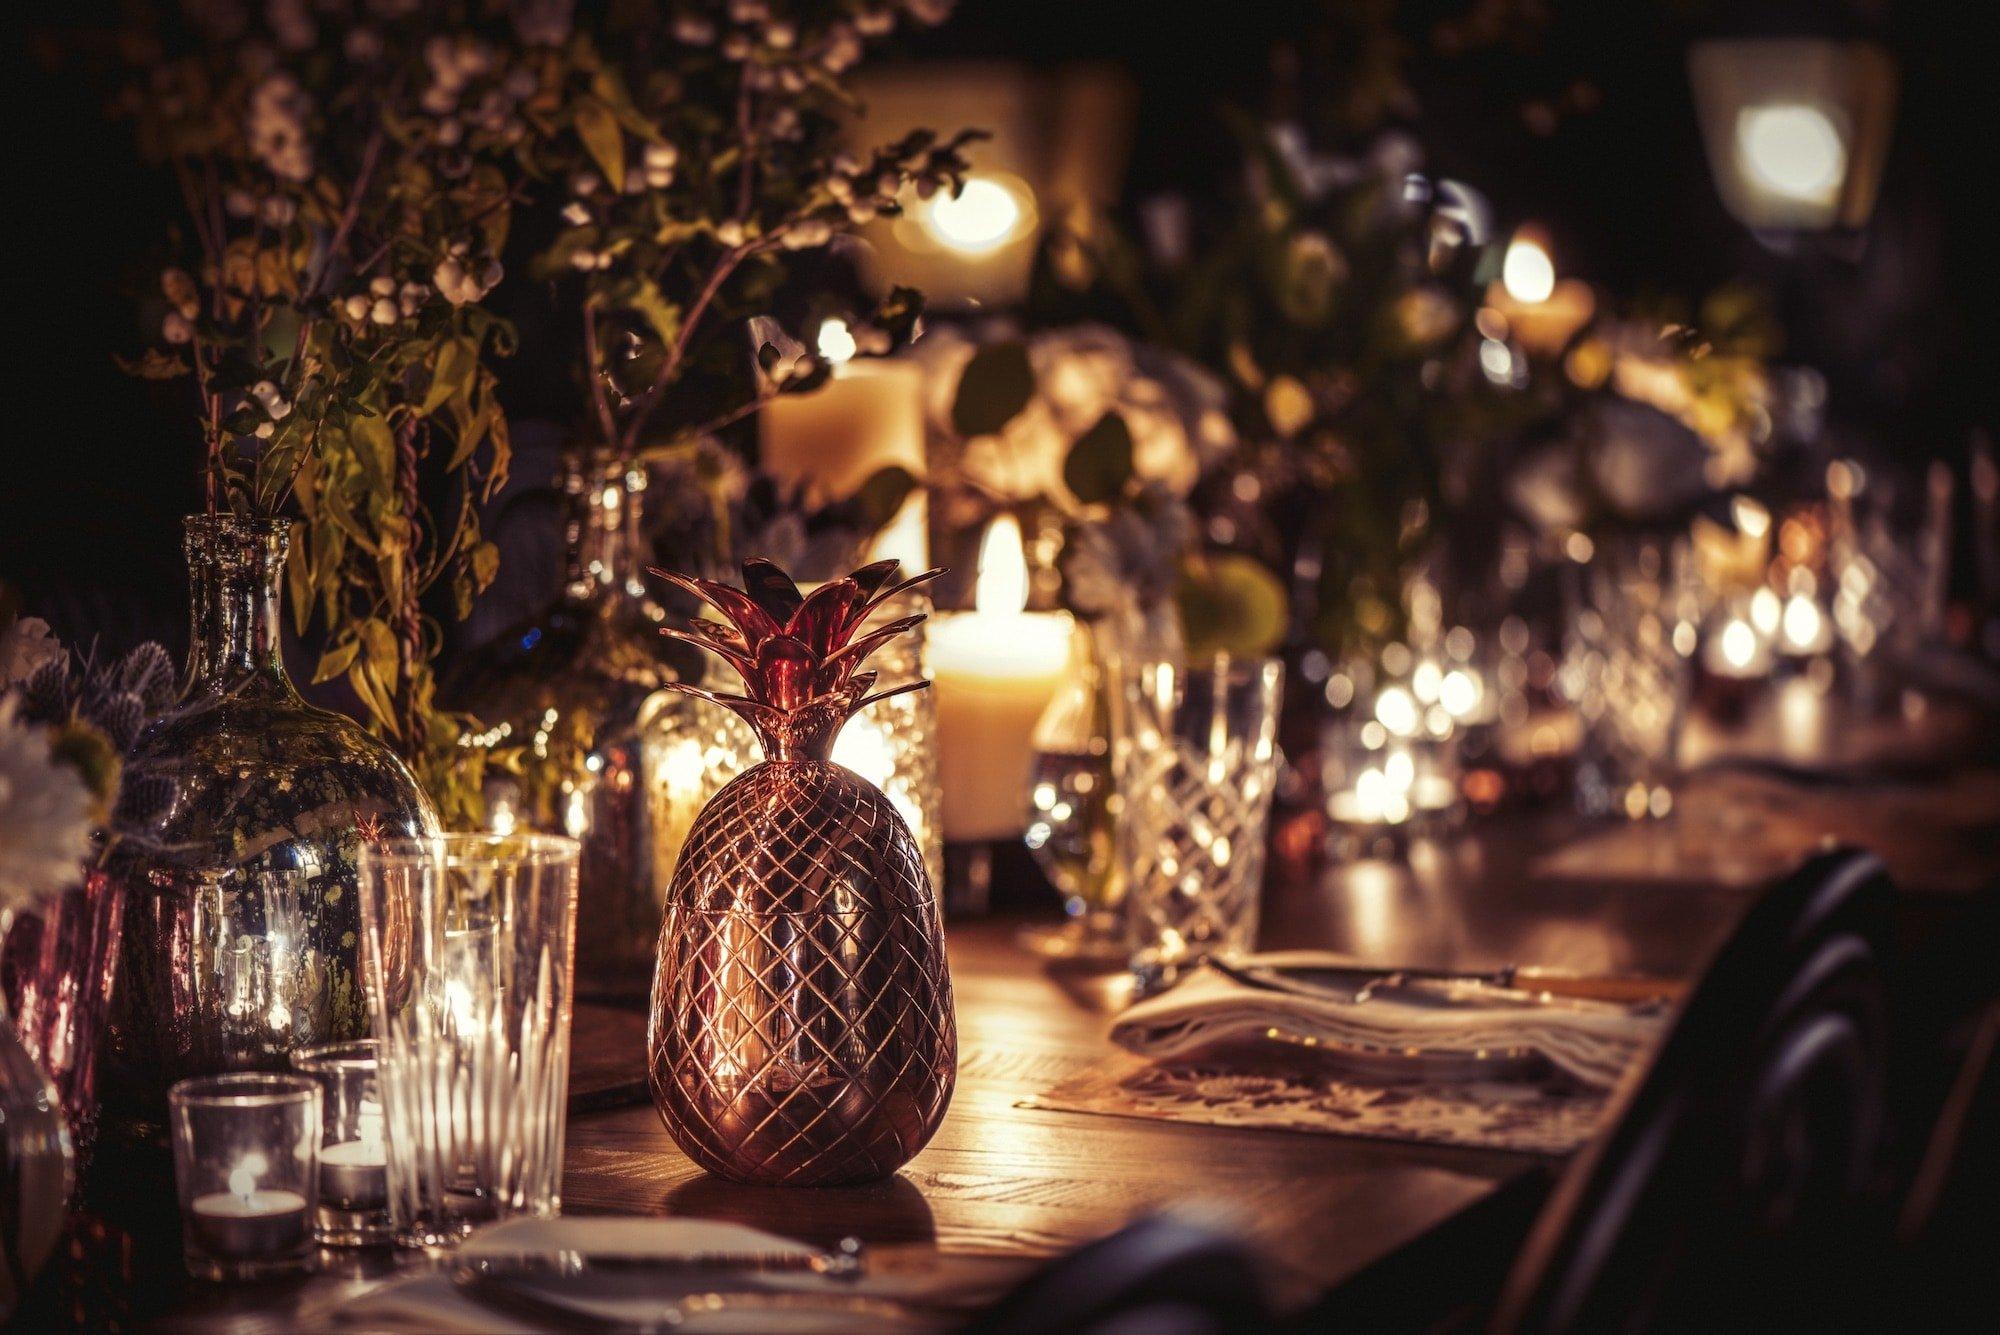 Details of the Veranda table set for Dinner